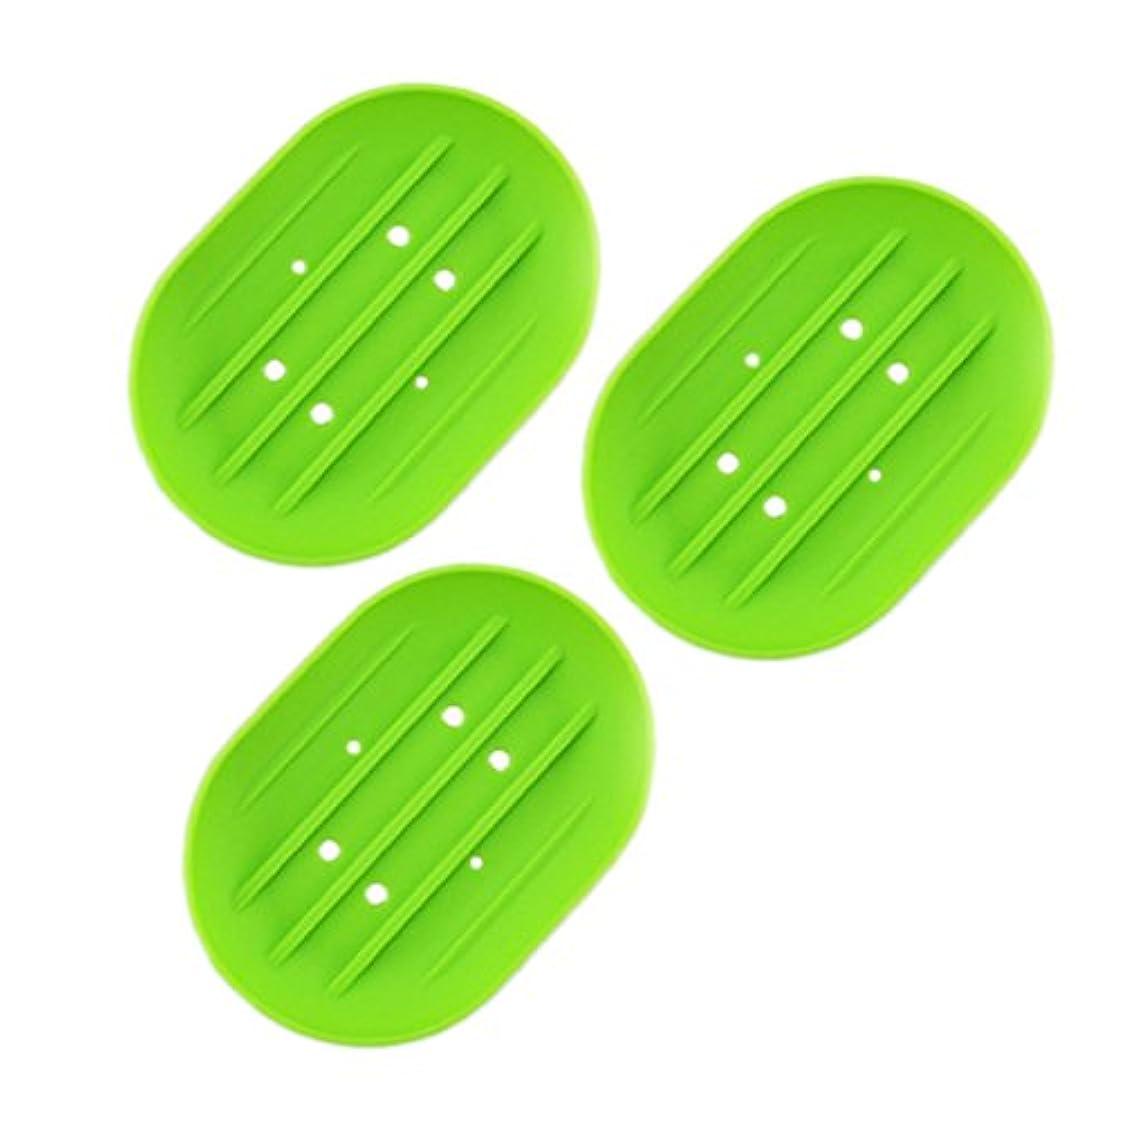 電気の放棄されたBESTOMZ ソープディッシュソープホルダー, 石鹸トレイ乾燥石鹸バー 浴室用キッチン用3連グリーン用